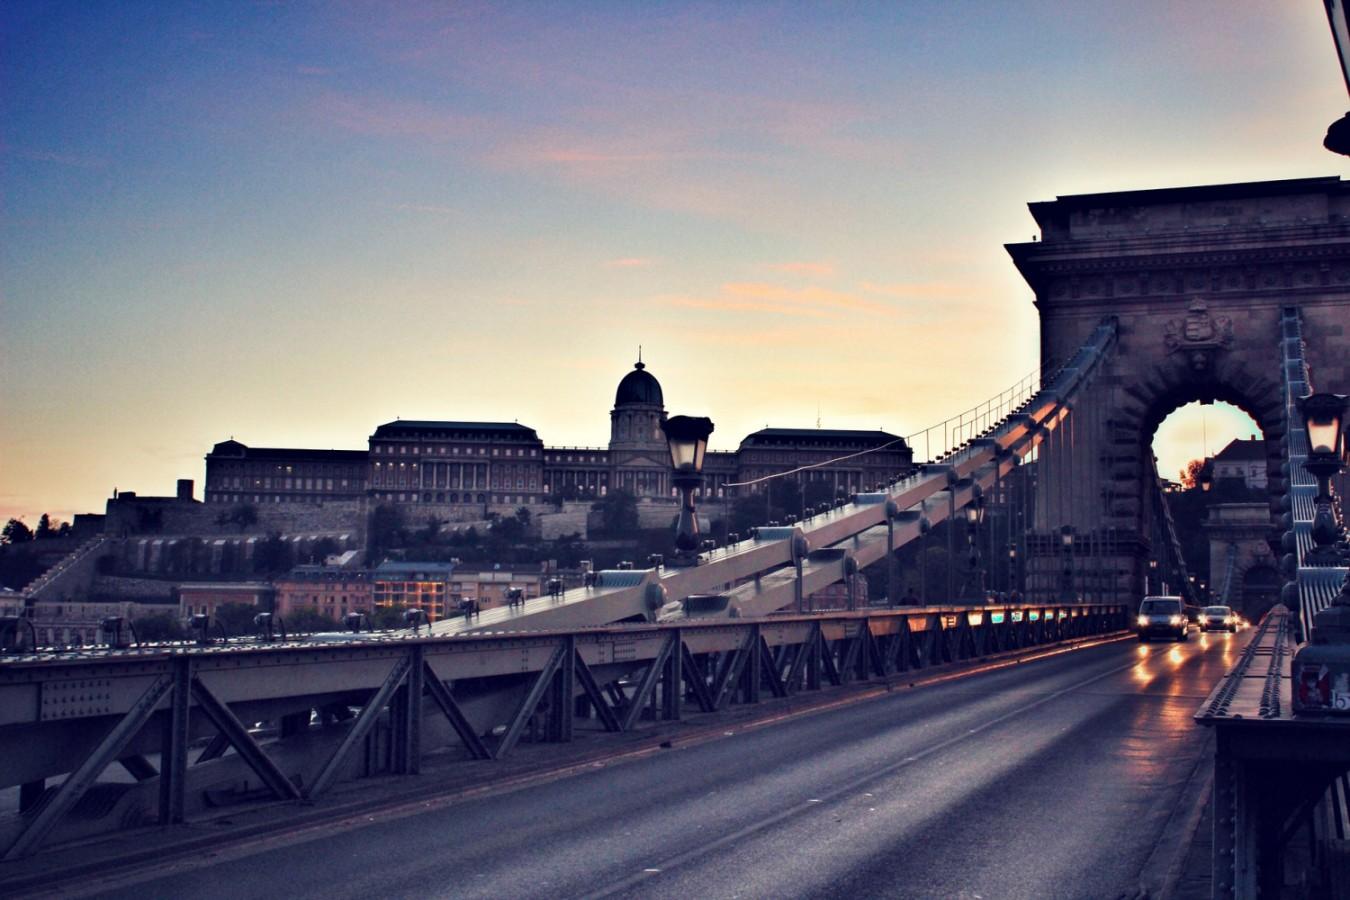 Mi változott és mi nem? - Magyarország külföldön élő magyarok szemével